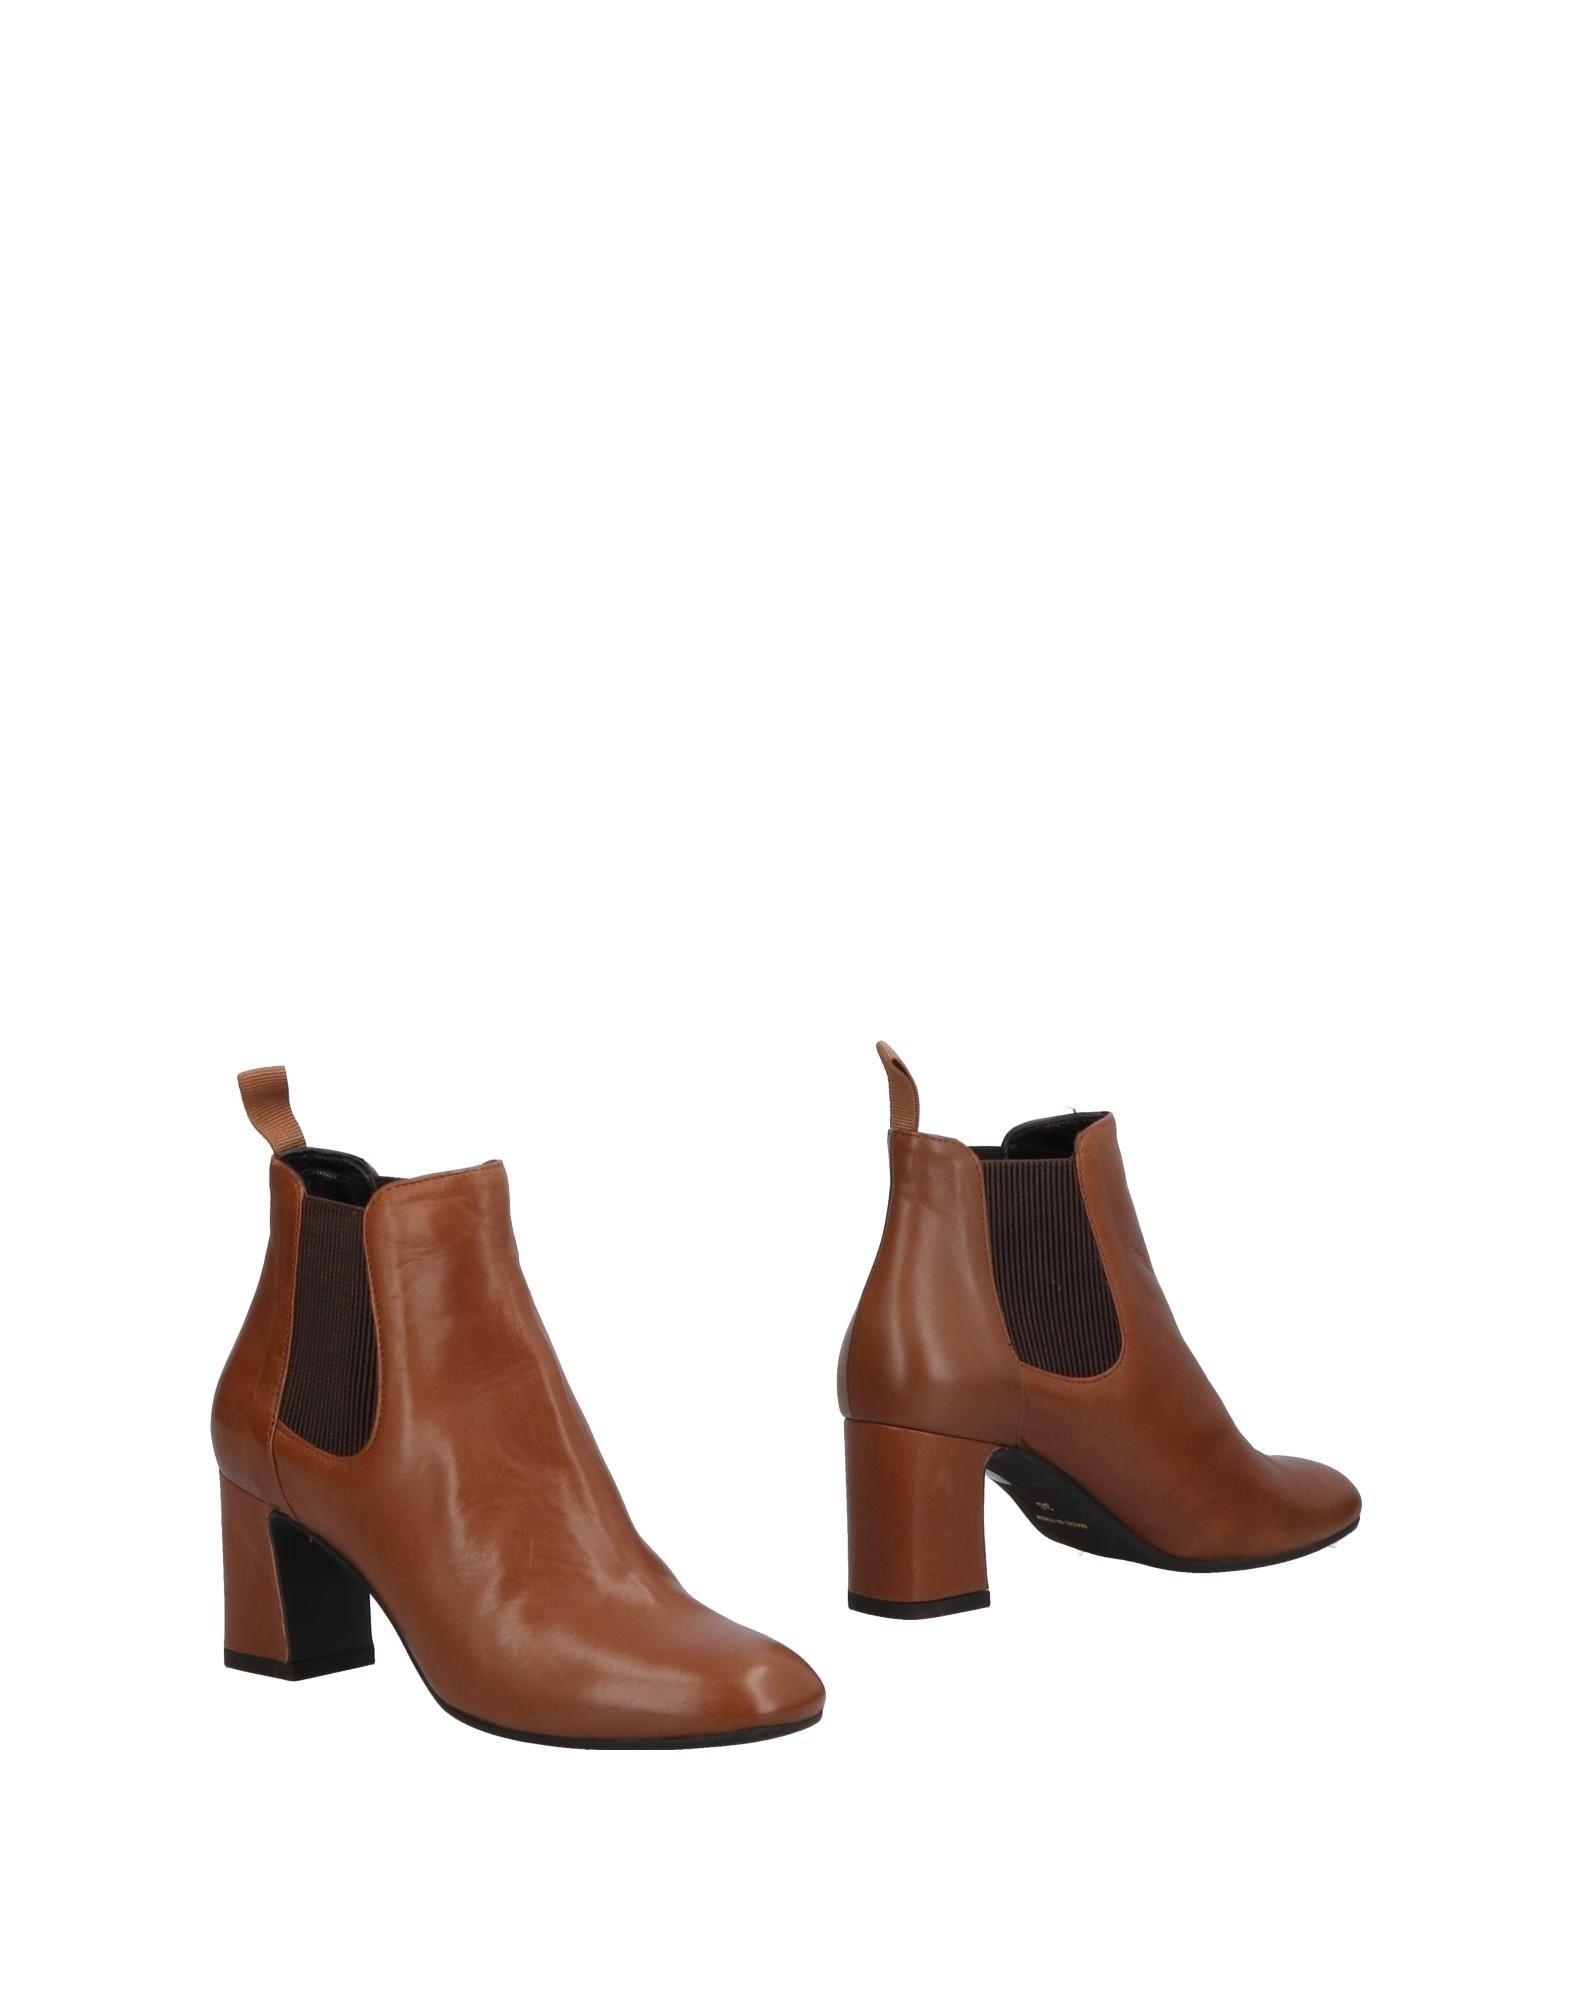 Chelsea Boots Manifattura National Donna 11507408NE - 11507408NE Donna c4a8da